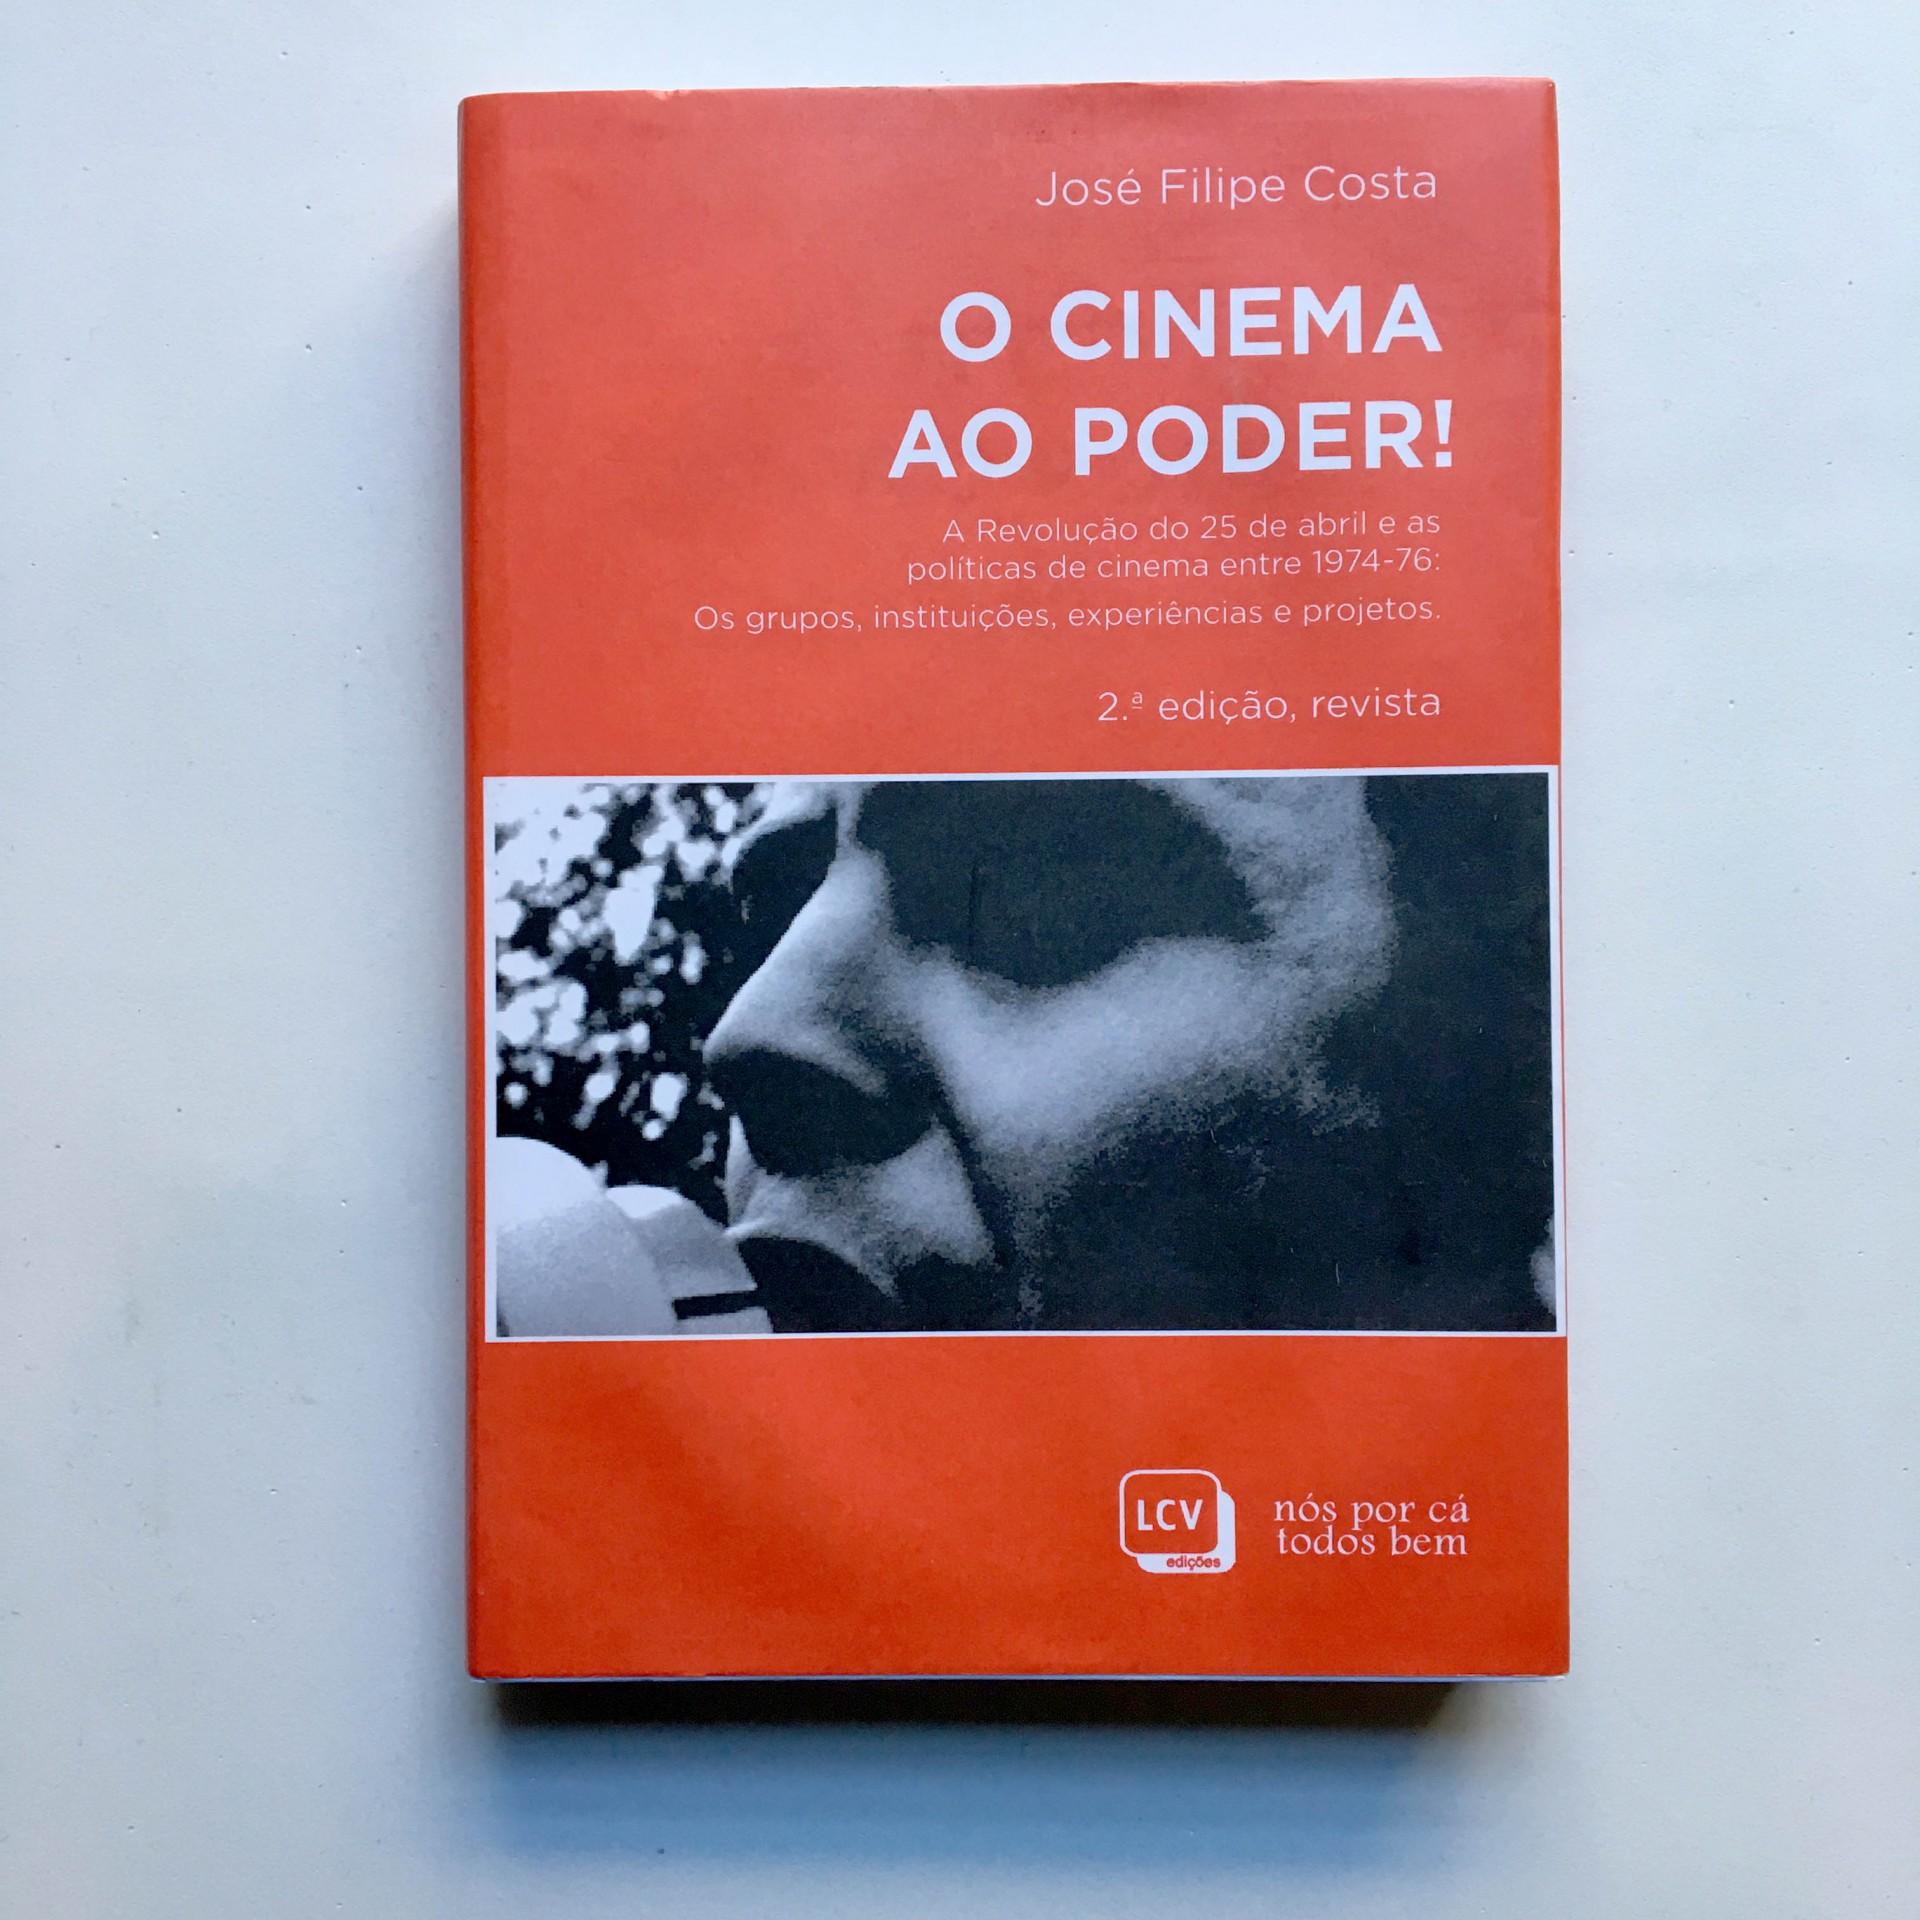 O Cinema ao Poder!